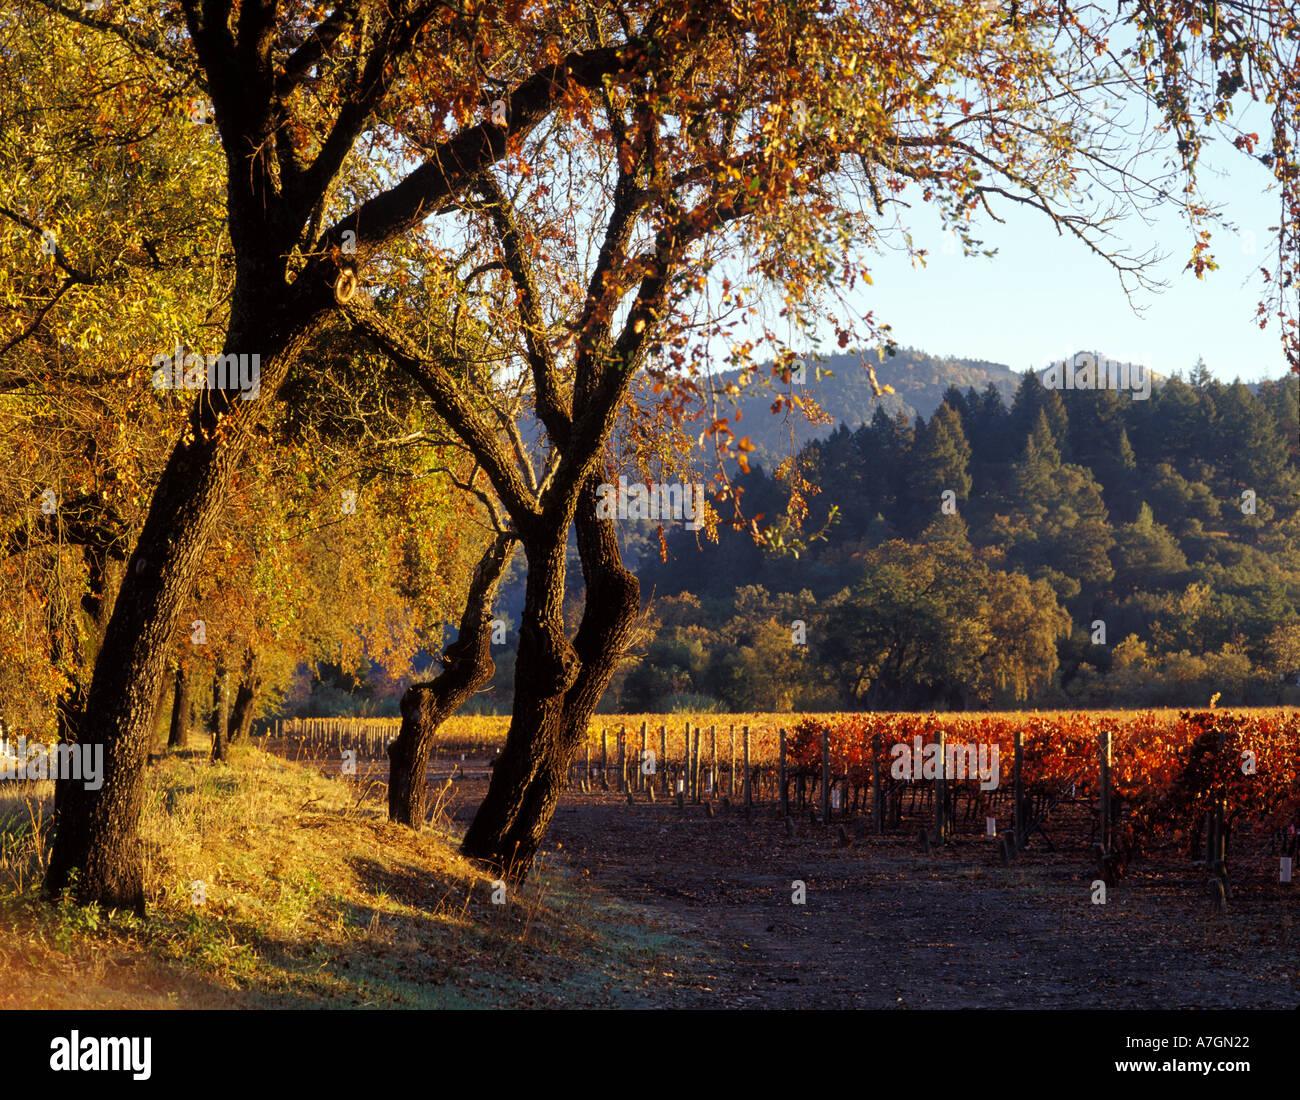 USA, Kalifornien, Napa Valley, Calistoga. Morgensonne überfliegt den Talboden und die Eichen und Weinberge. Stockfoto